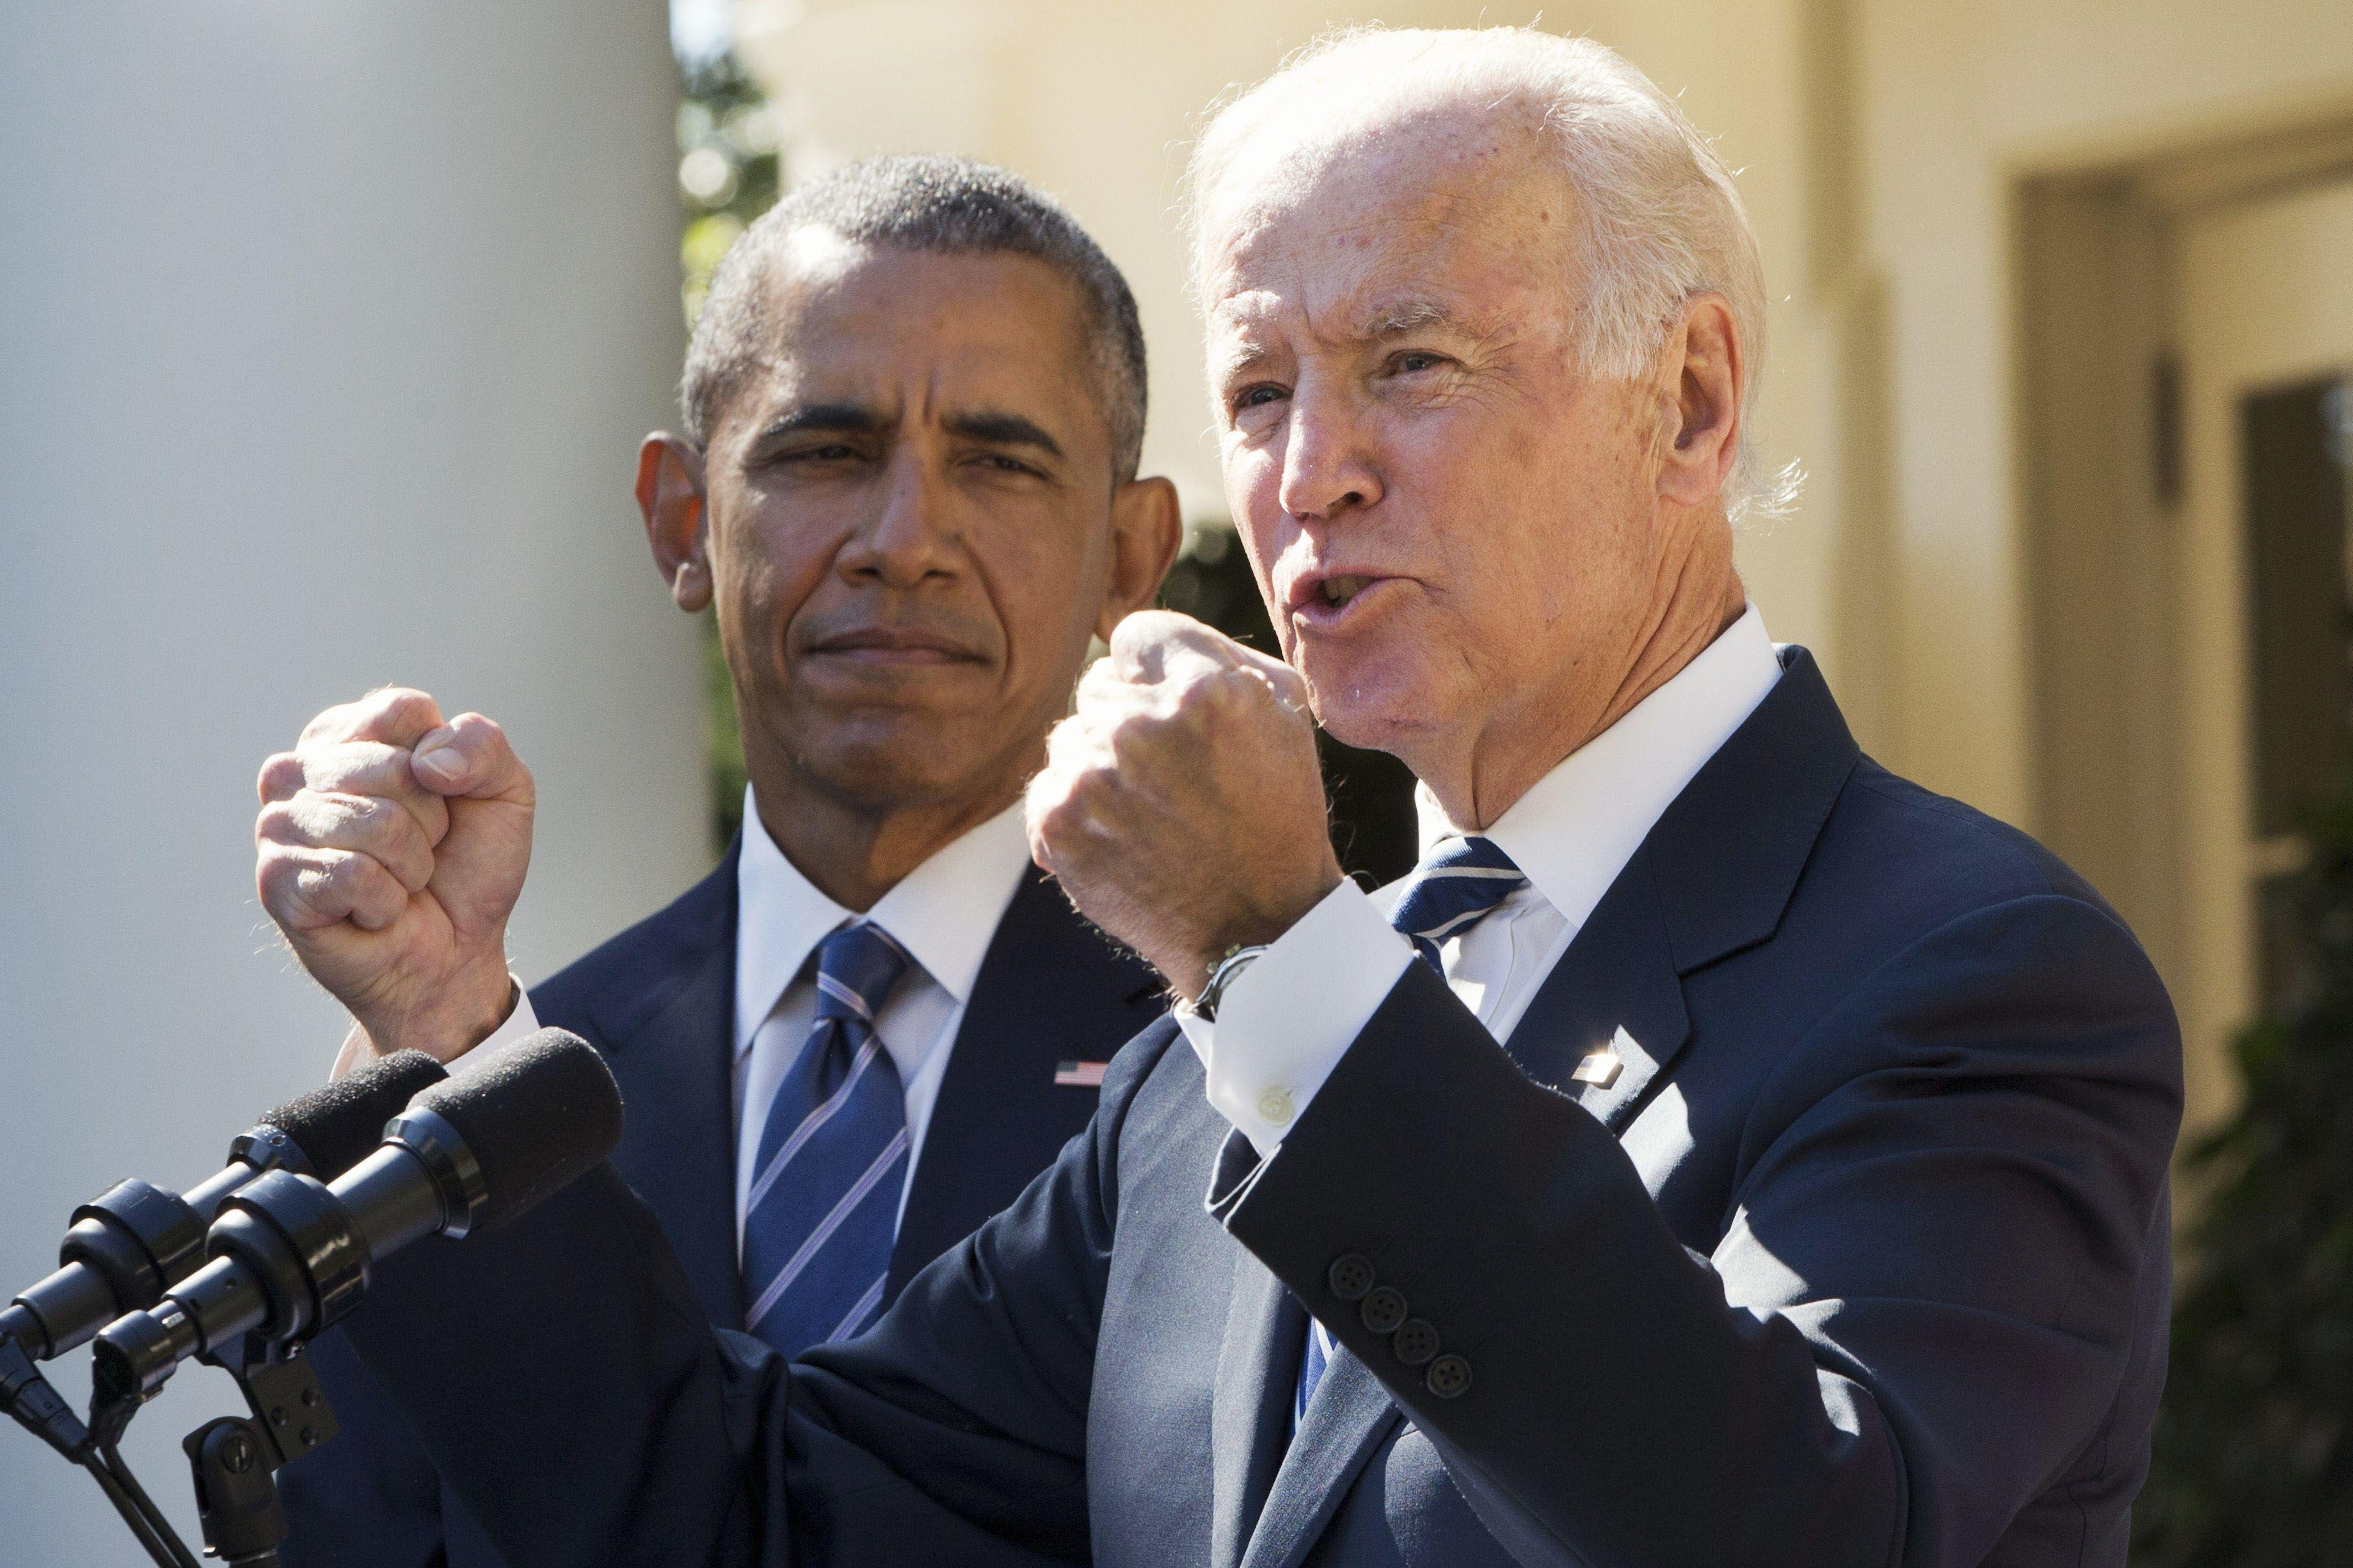 Resignación. Biden efectuó el anuncio acompañado por Obama. (AP)